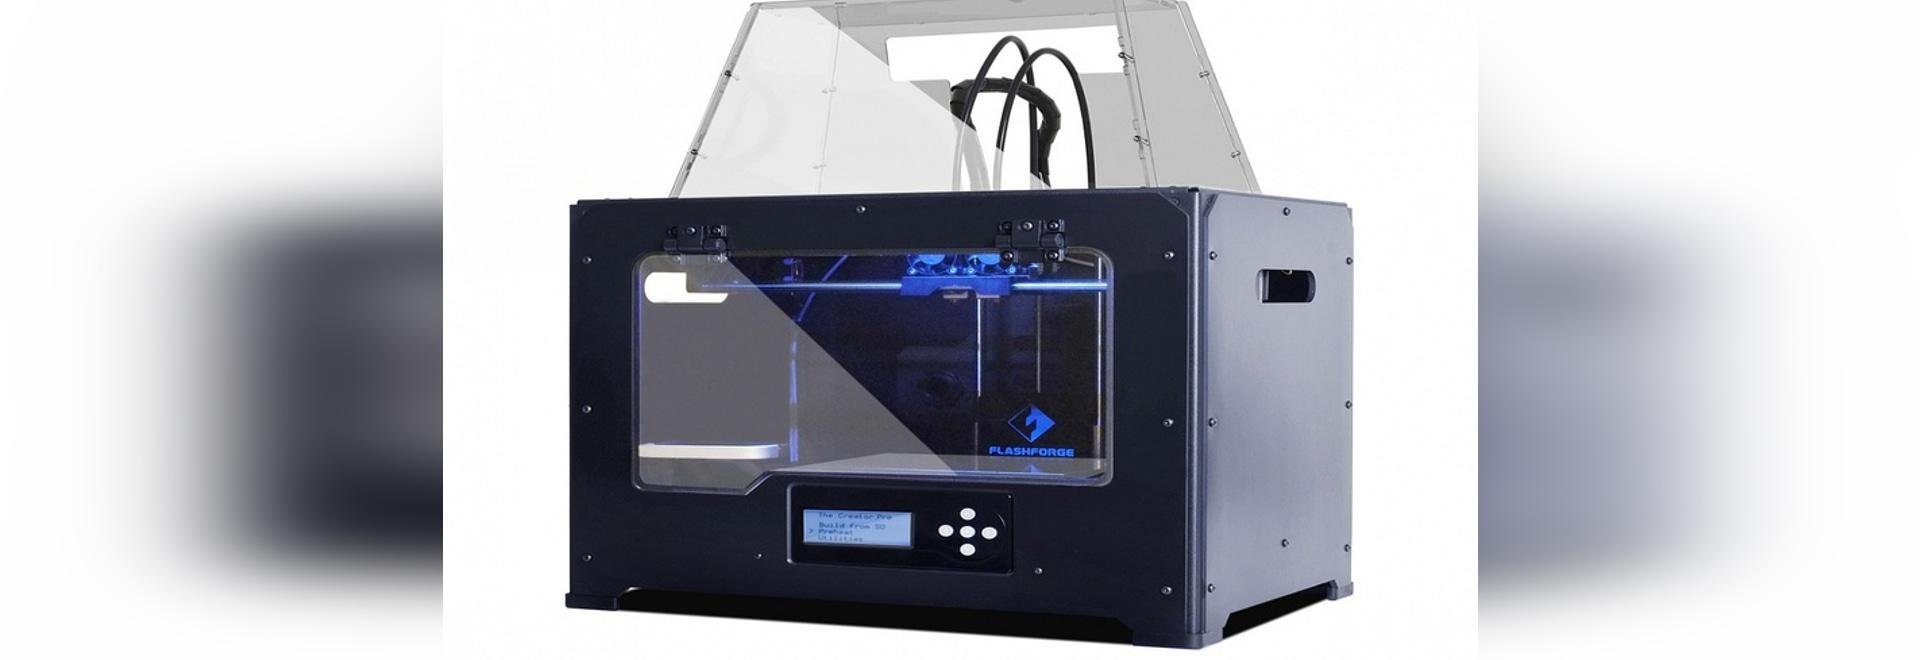 L'imprimante du créateur 3D de FlashForge (courtoisie de FlashForge